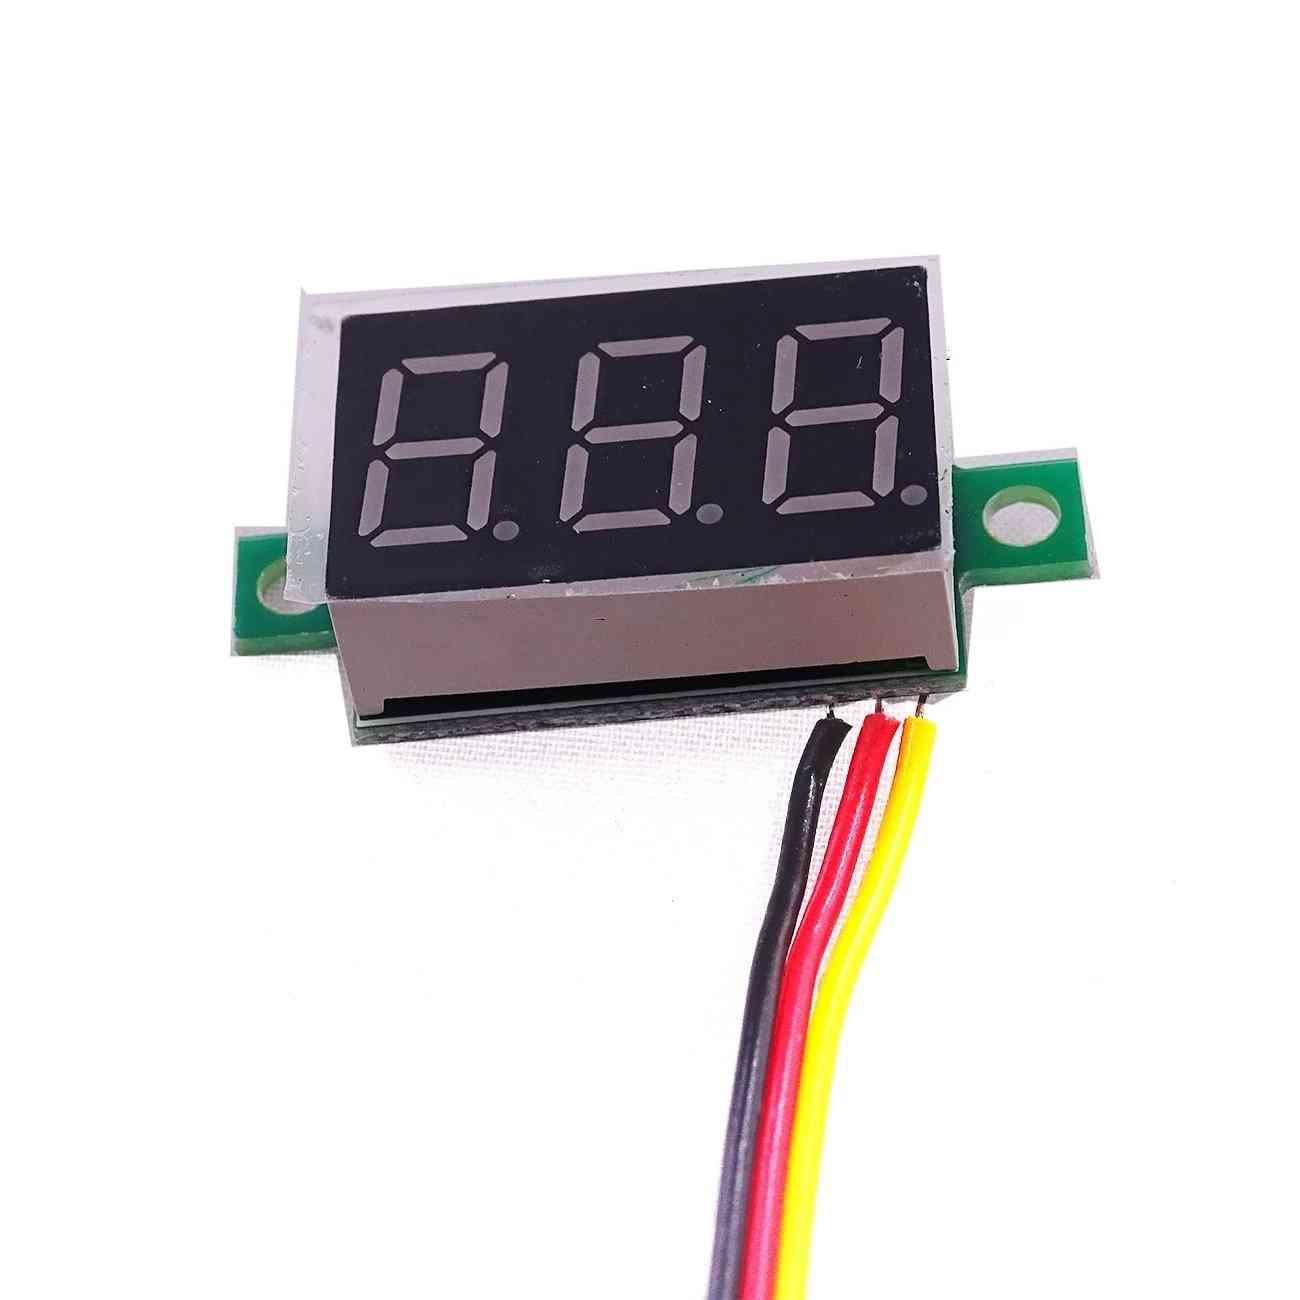 3-bits Digital Led Display, Panel Voltage, Meter Tester